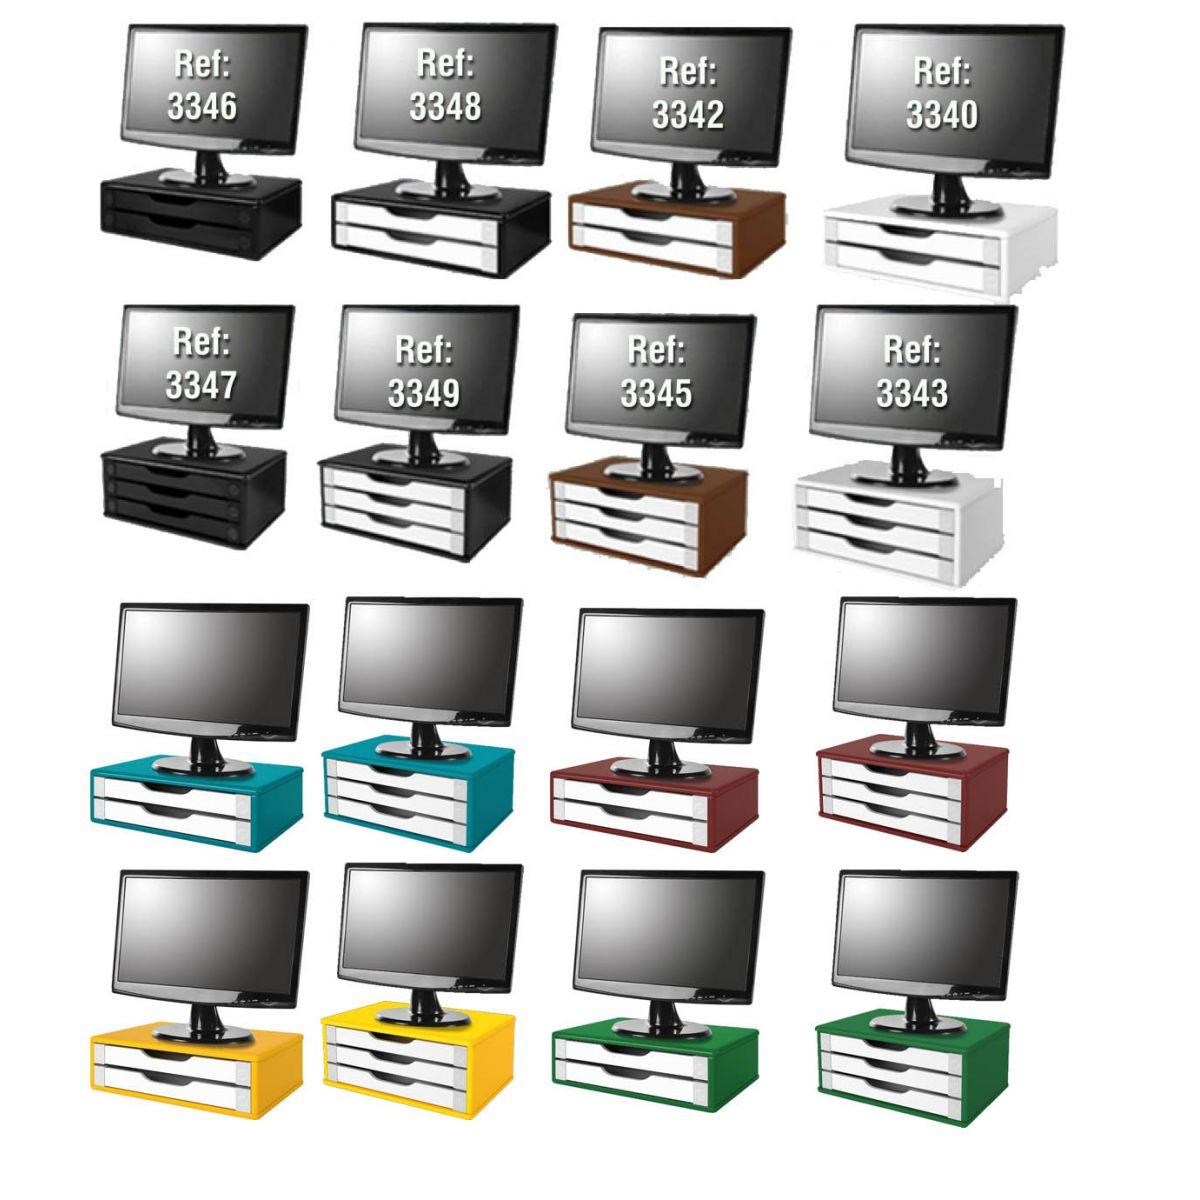 Suporte para Monitor de Mesa em MDF Tabaco escuro com 3 Gavetas Brancas